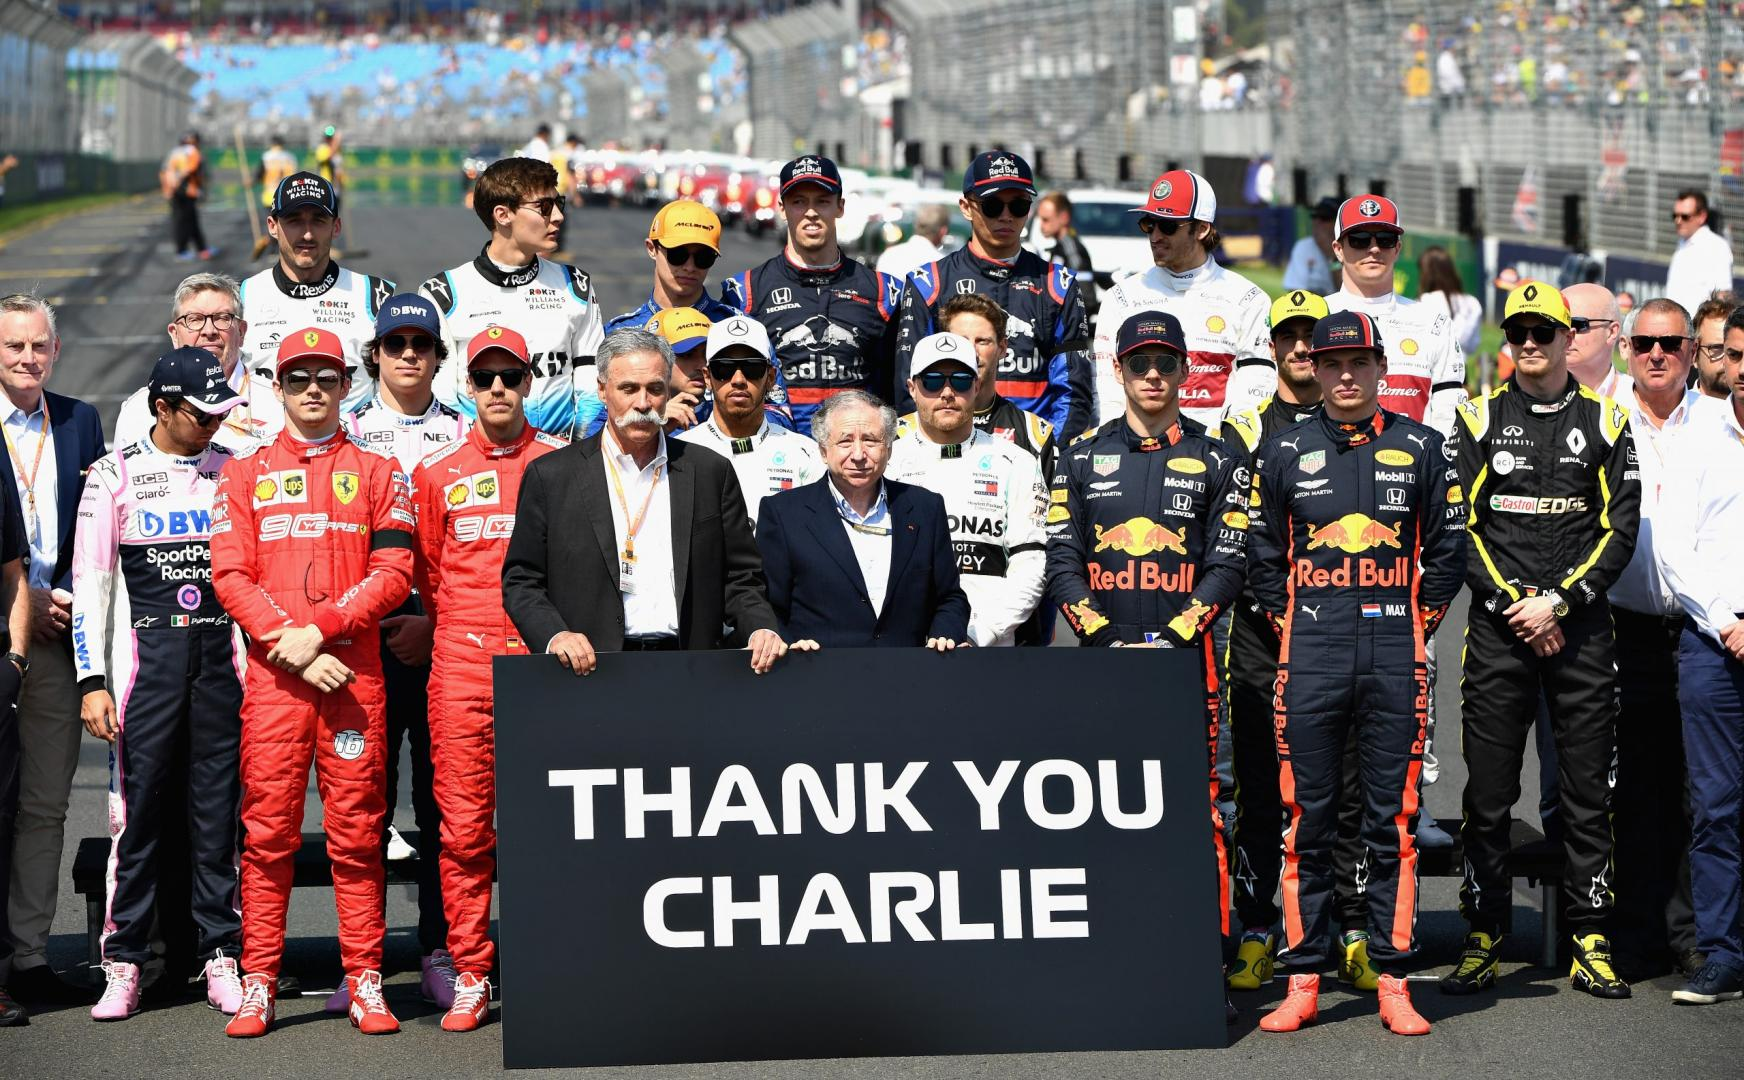 Uitslag van de GP van Australië 2019